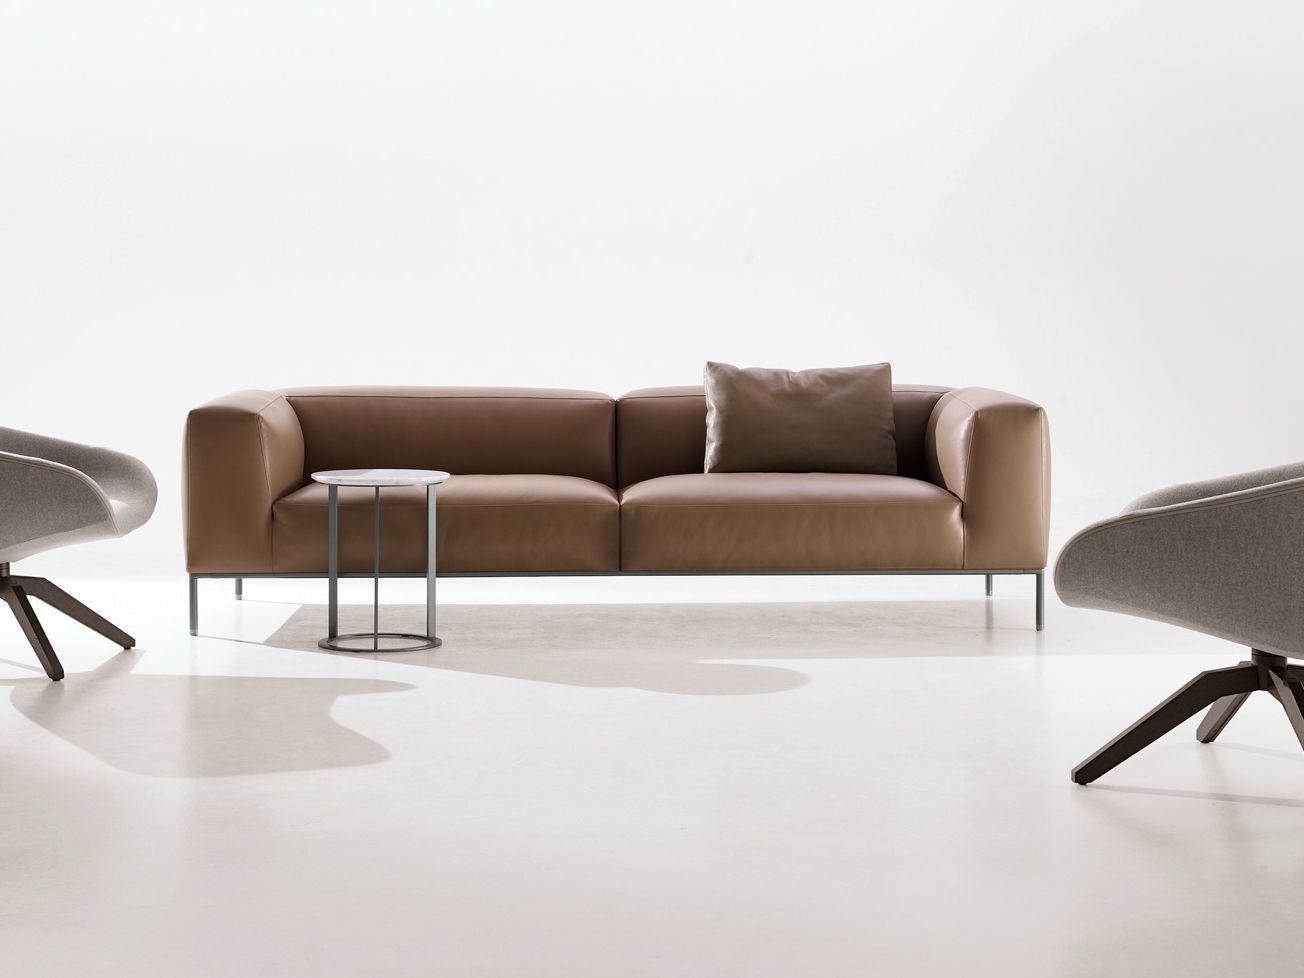 frank sofa b&b italia | Savae.org